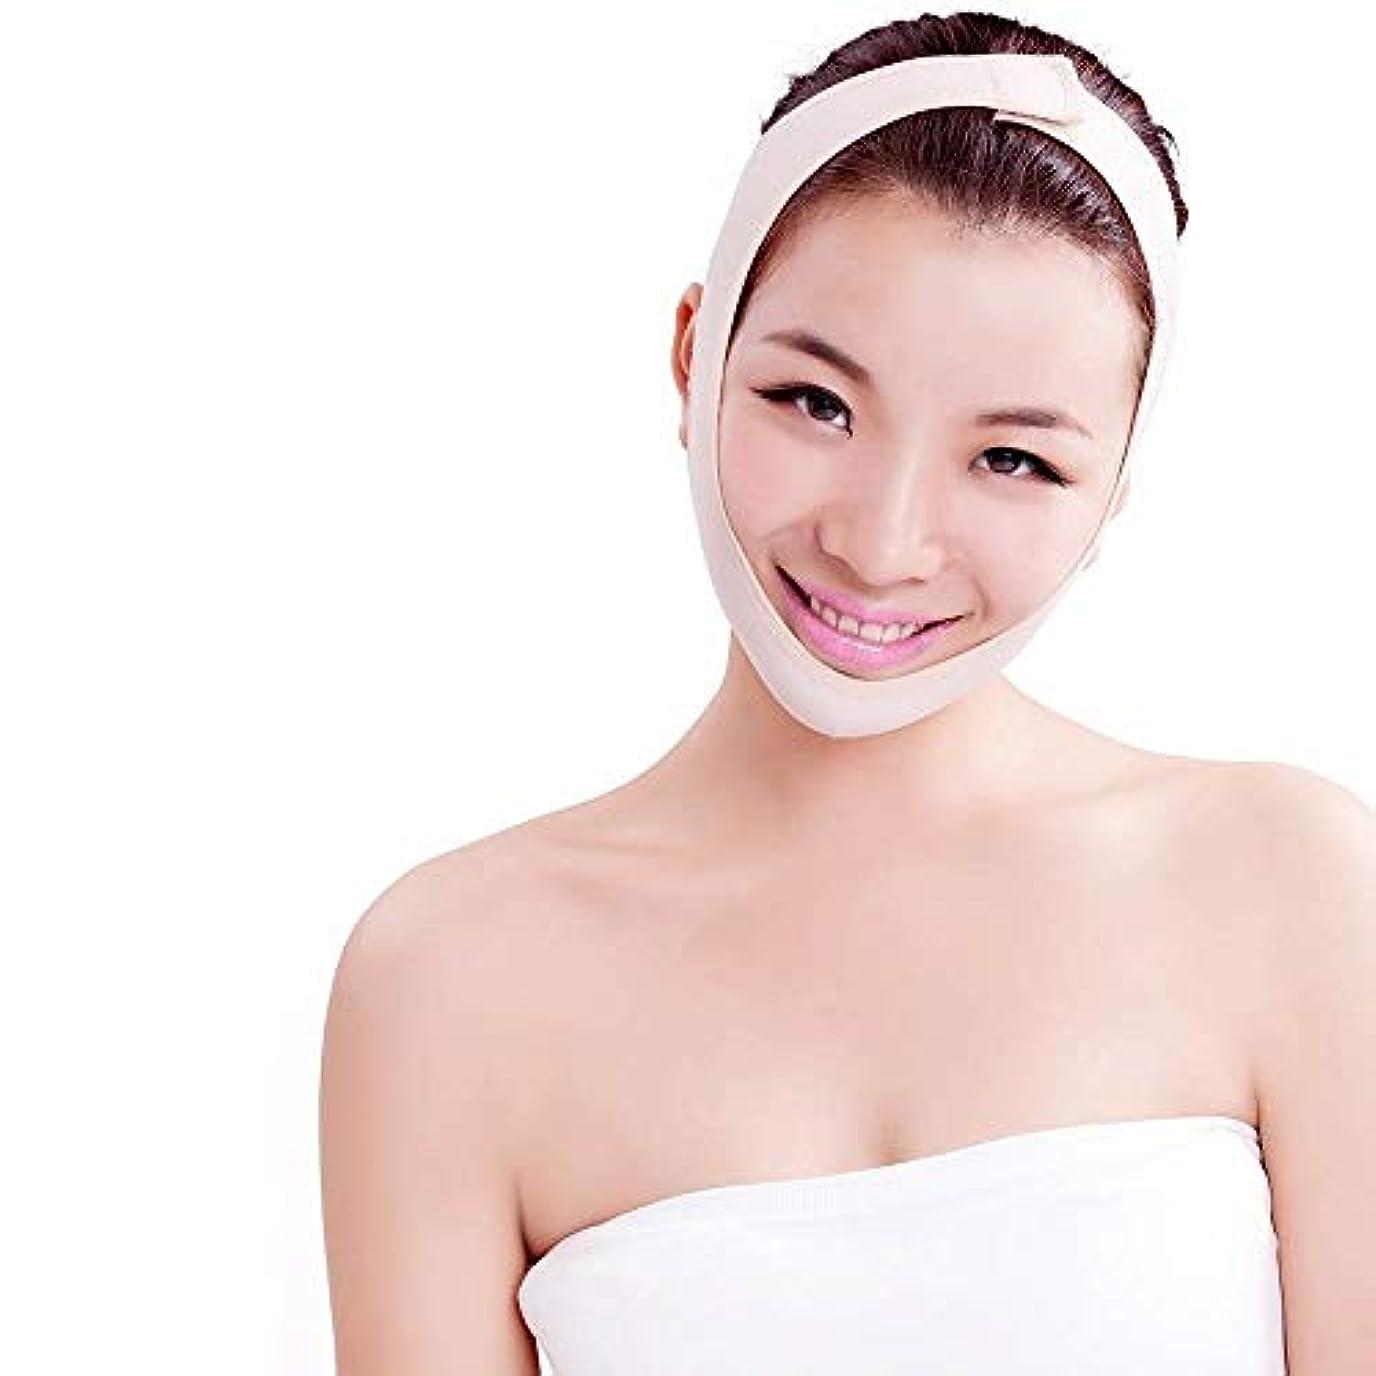 王女ランチョン突撃HEMFV 顔のスリミングは、スリムリフトコンパクト顔の皮膚のためのスキン包帯二重あごスリミングベルトを締め、スリミング包帯通気性ひげ二重あごケア減量フェイスベルトマスク (Size : M)